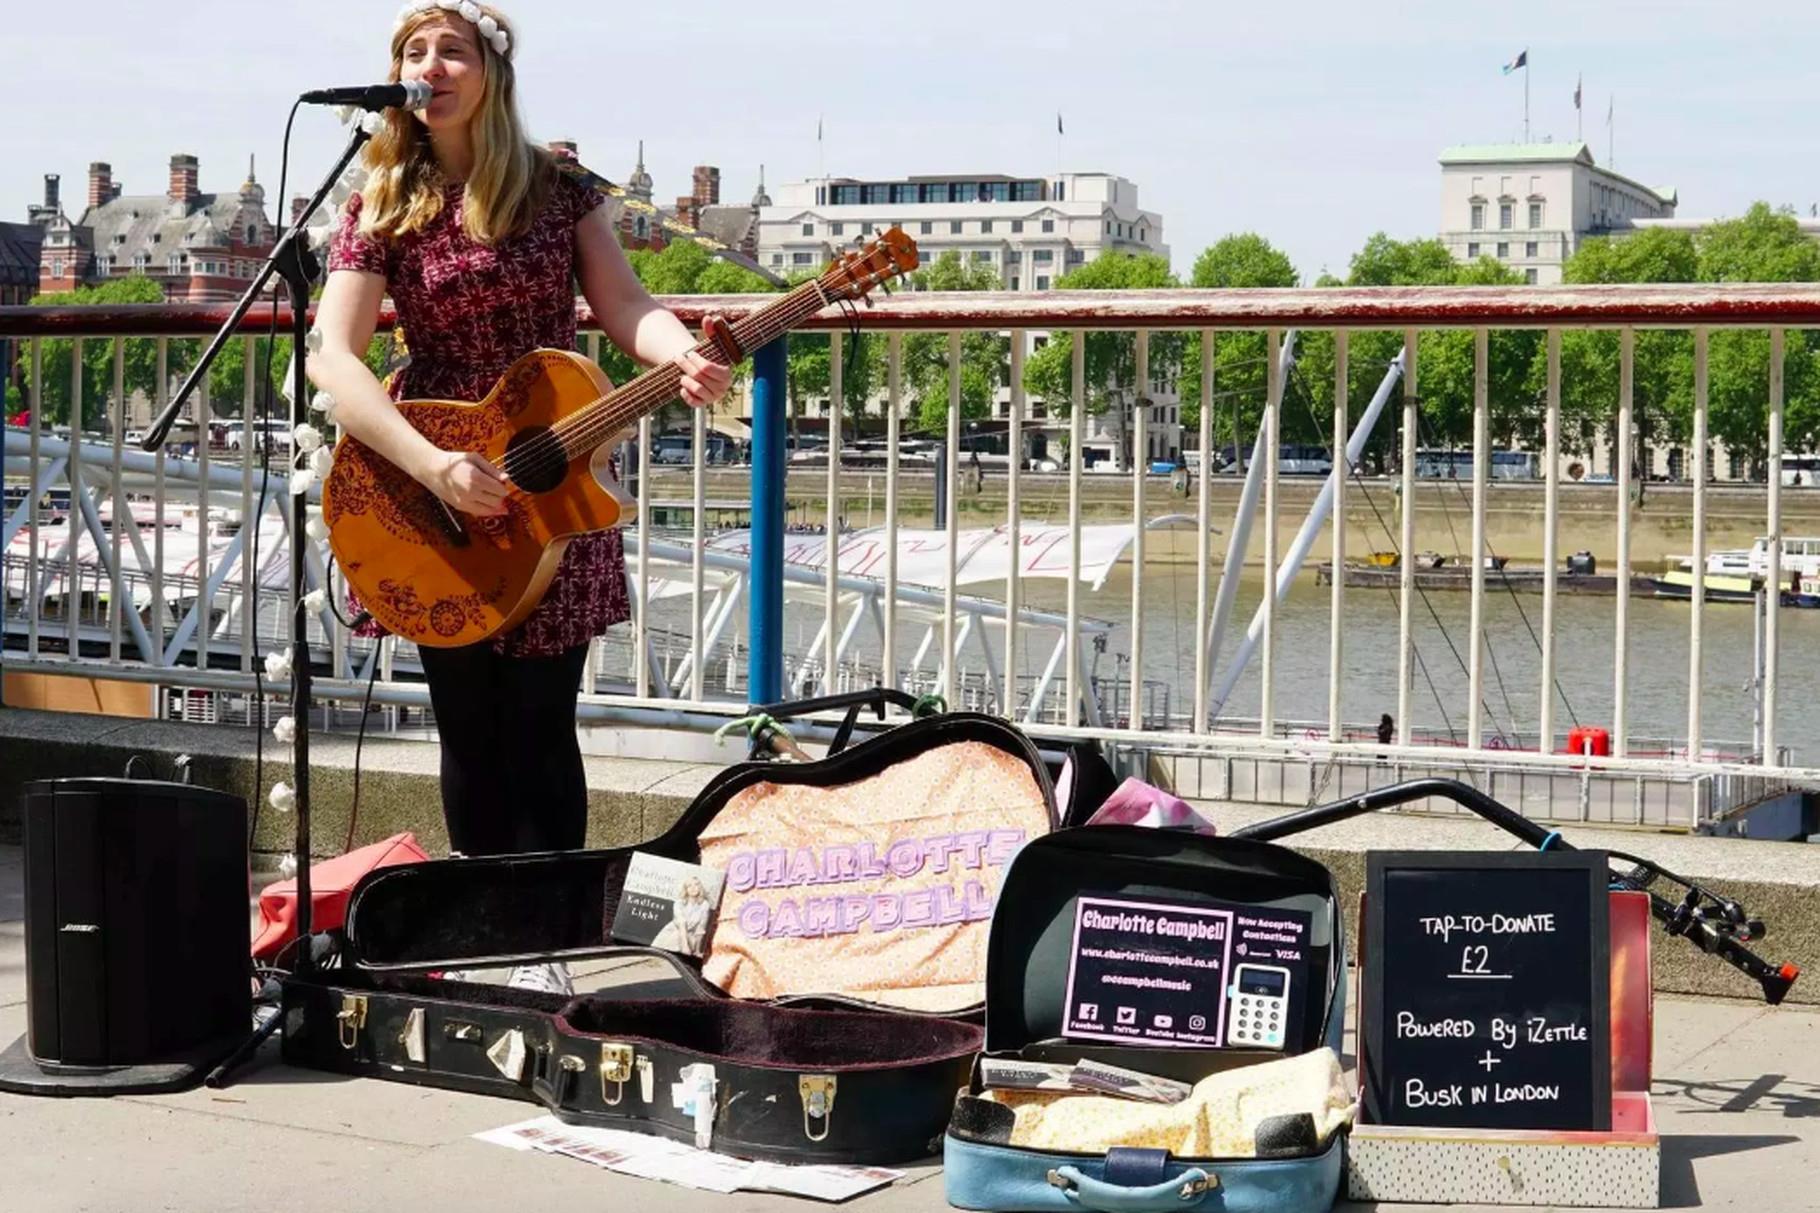 Charlotte Campbell con il POS per gli artisti di strada